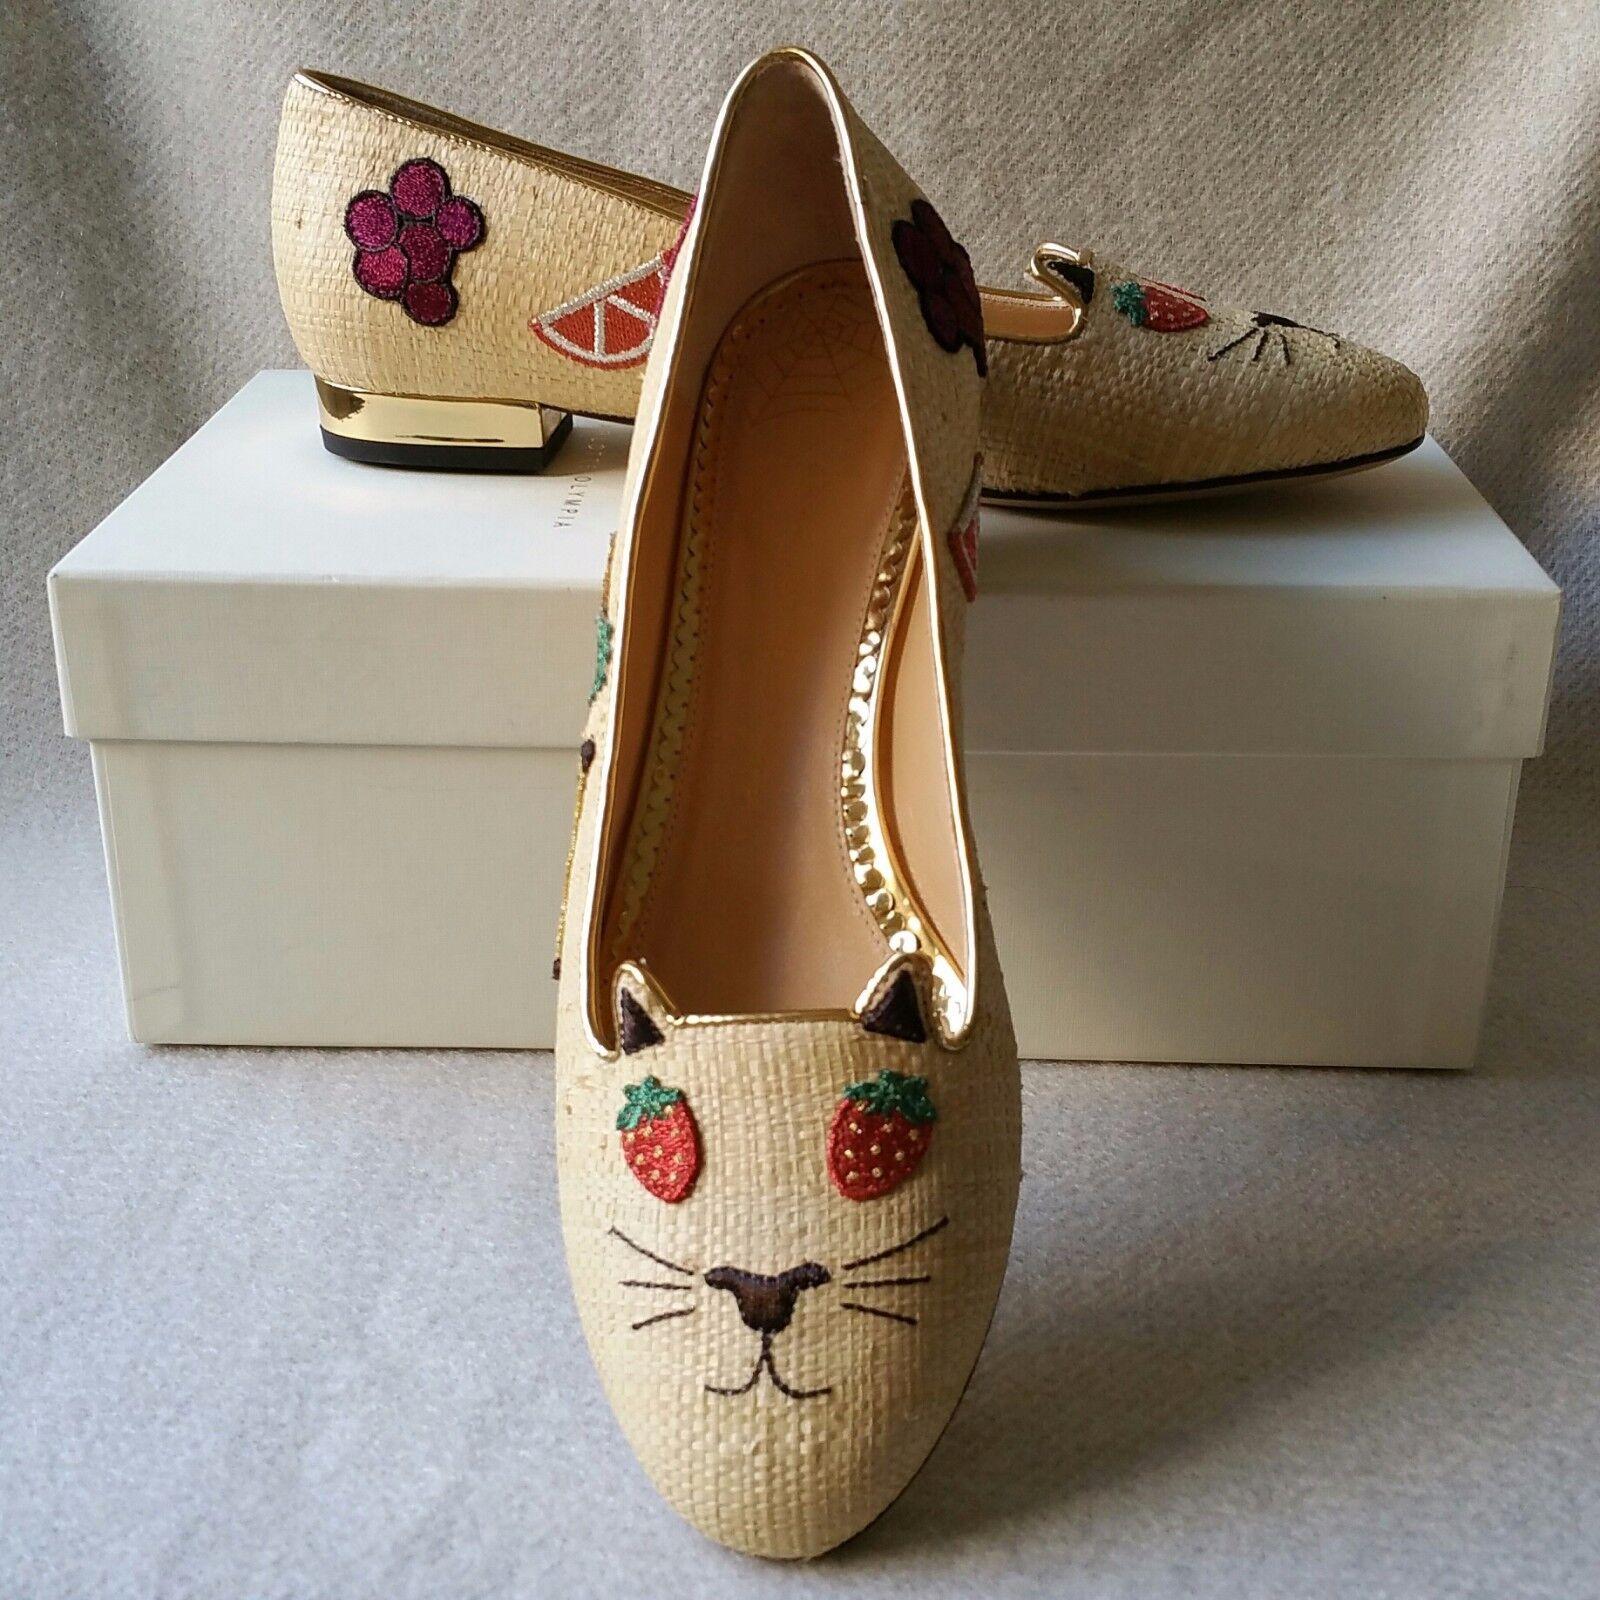 tutto in alta qualità e prezzo basso NEW Charlotte Olympia Kitty 39.5 9 Cat Ballerina Ballerina Ballerina Ballet Flats Fruit Loafer scarpe  in vendita scontato del 70%